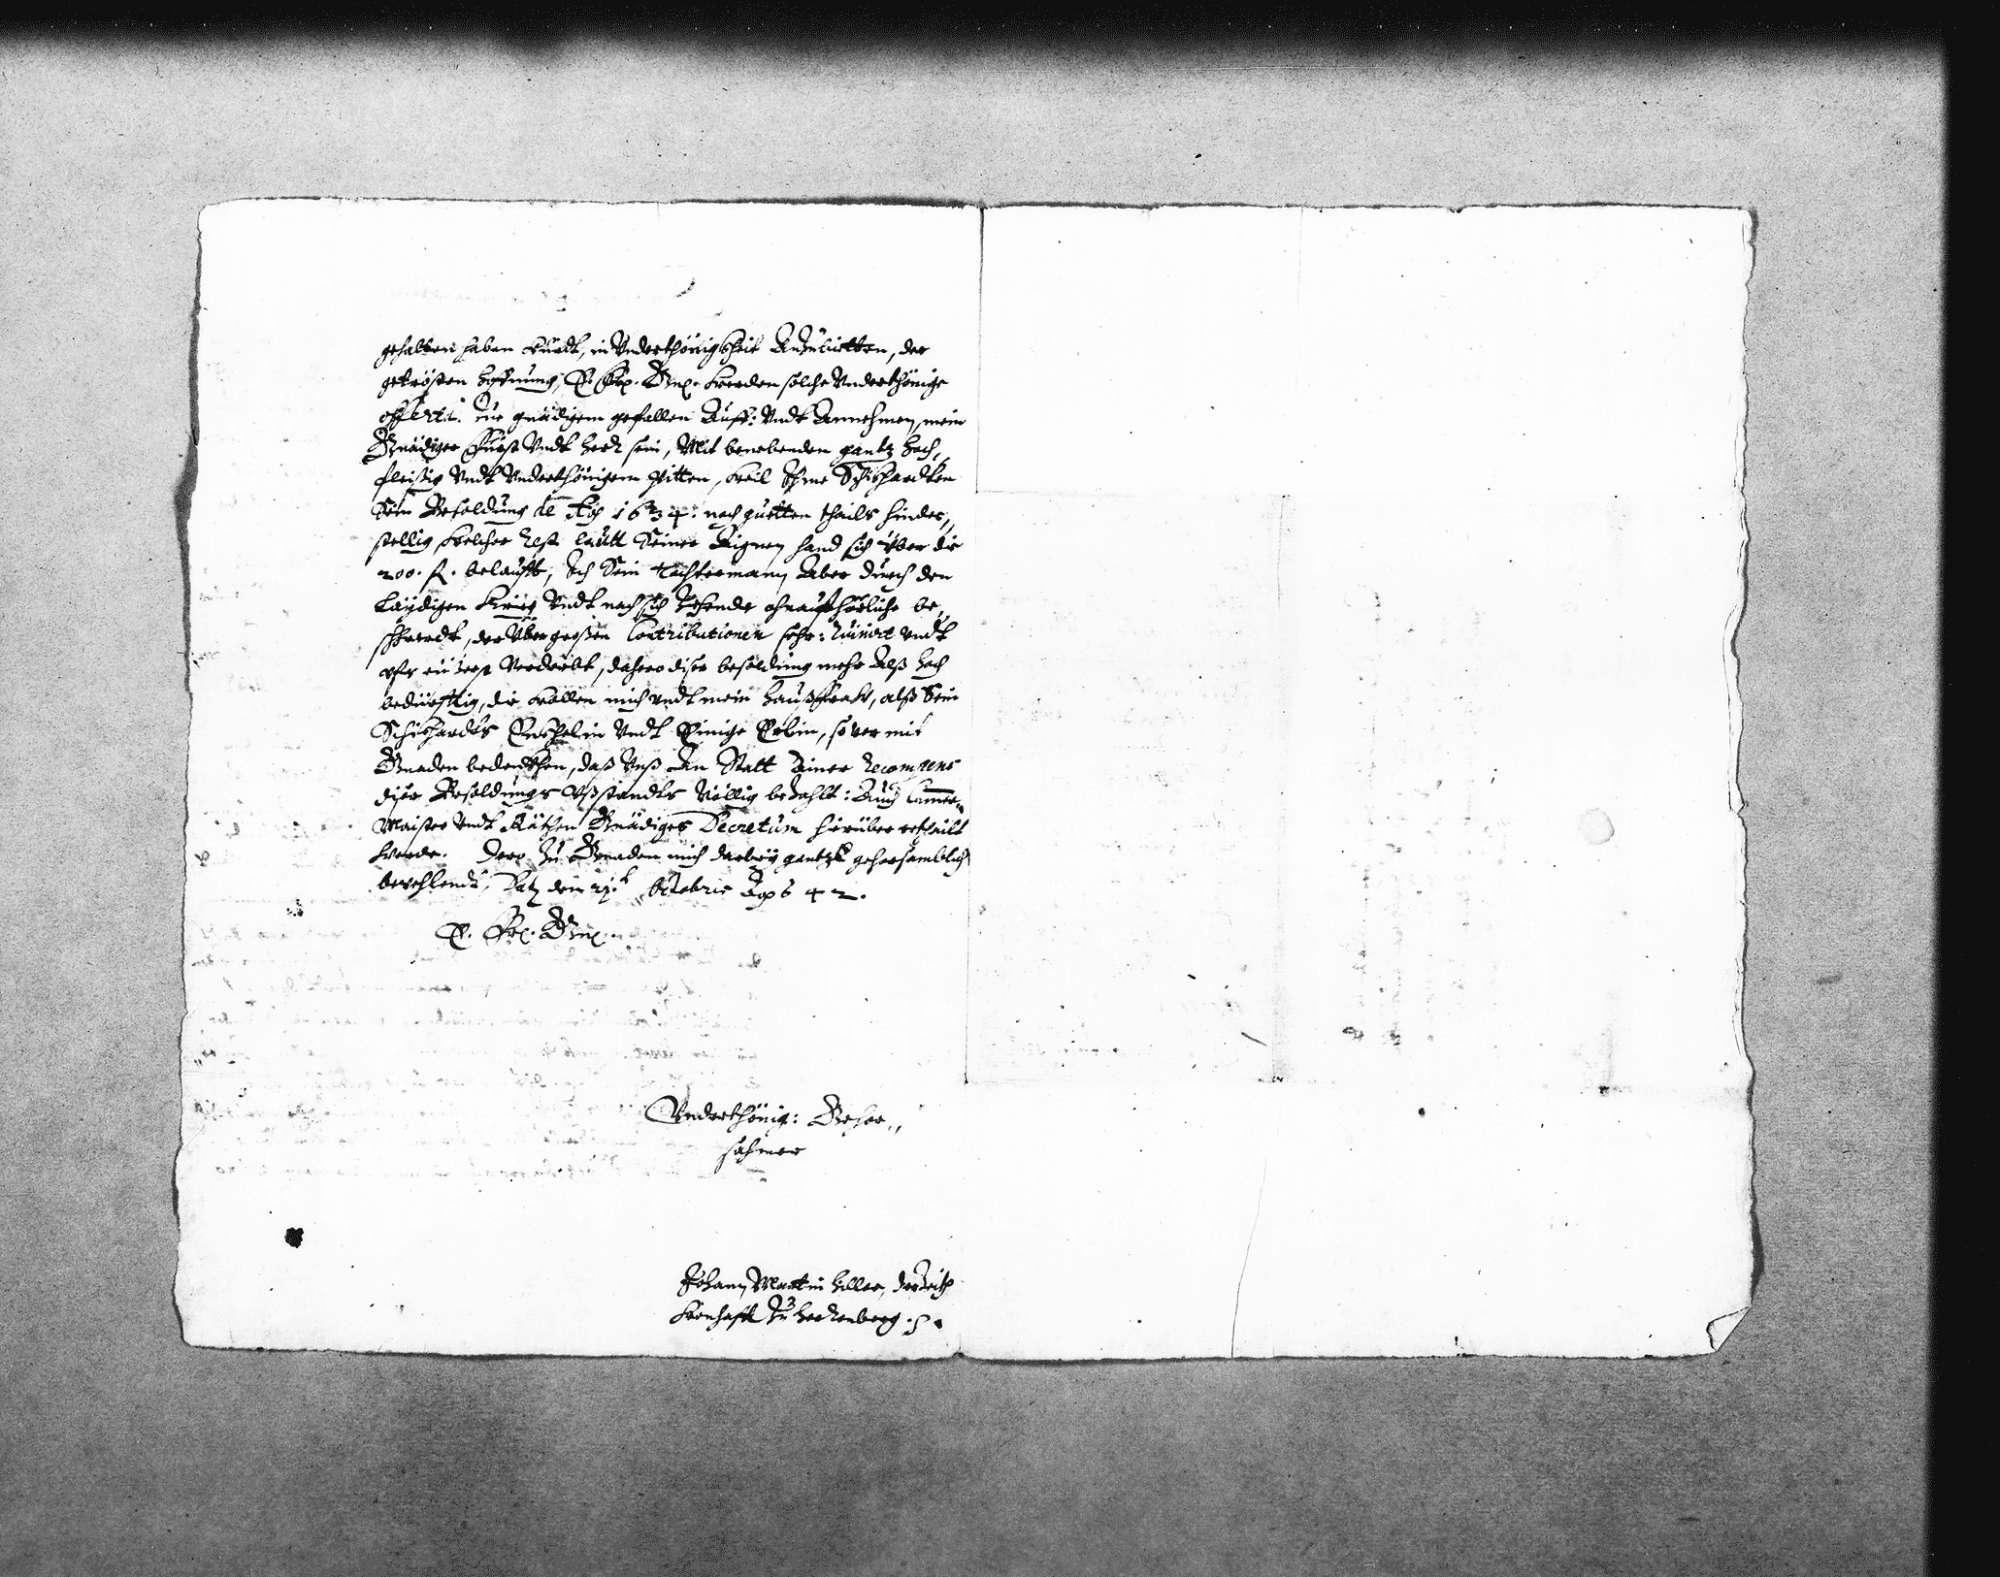 Johann Martin Hiller, Ehemann der Enkelin Heinrich Schickhardts, bietet dem Herzog Eberhard bzw. der Rentkammer die Sammlung von Manuskripten und Plänen Heinrich Schickhardts an, Bild 2